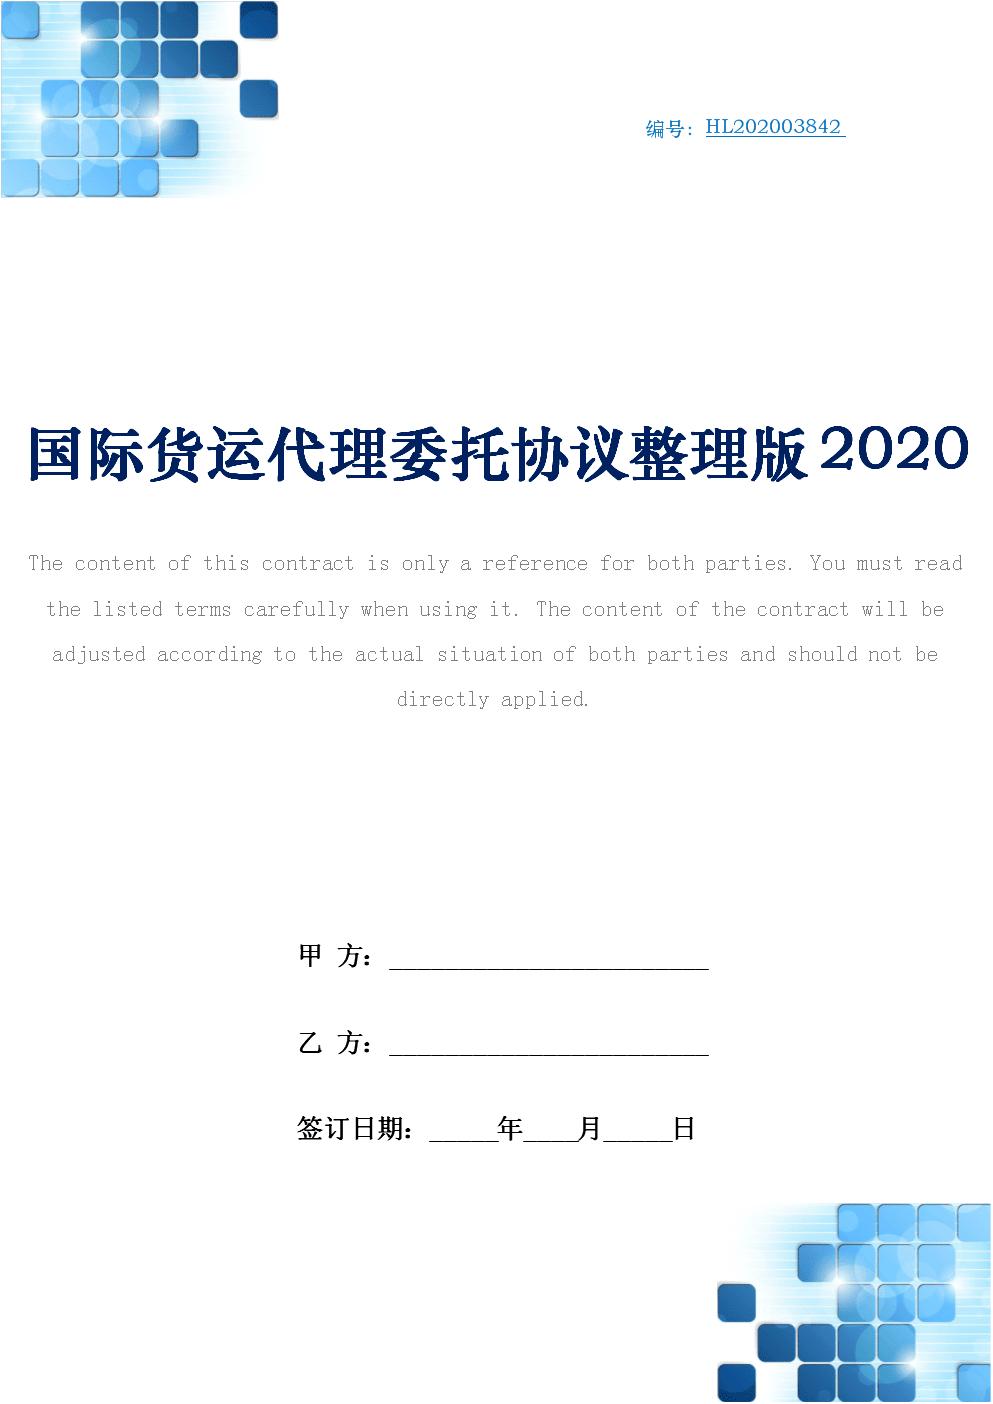 国际货运代理委托协议整理版2020.docx